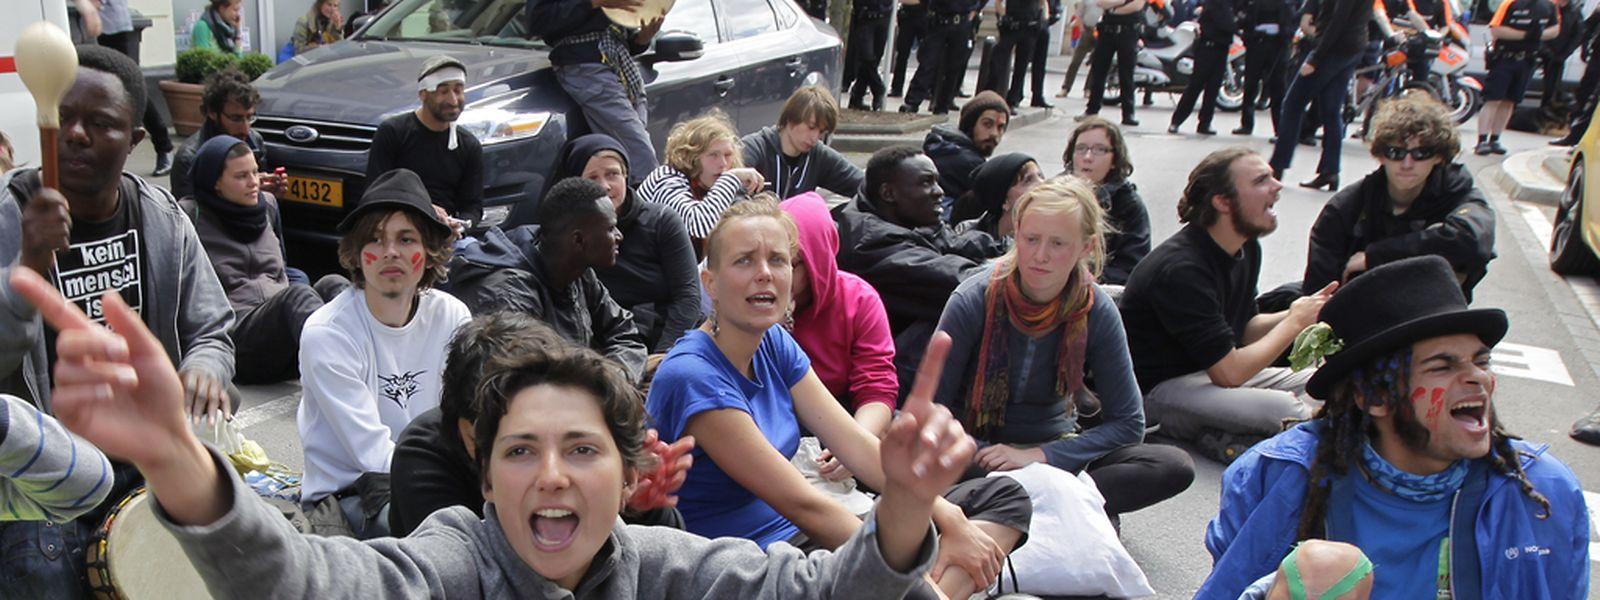 05.06.14 marche pour la liberte , marsch fuer die freiheit, protest, manifestation , luxemburg, rue glesener, photo: marc wilwert